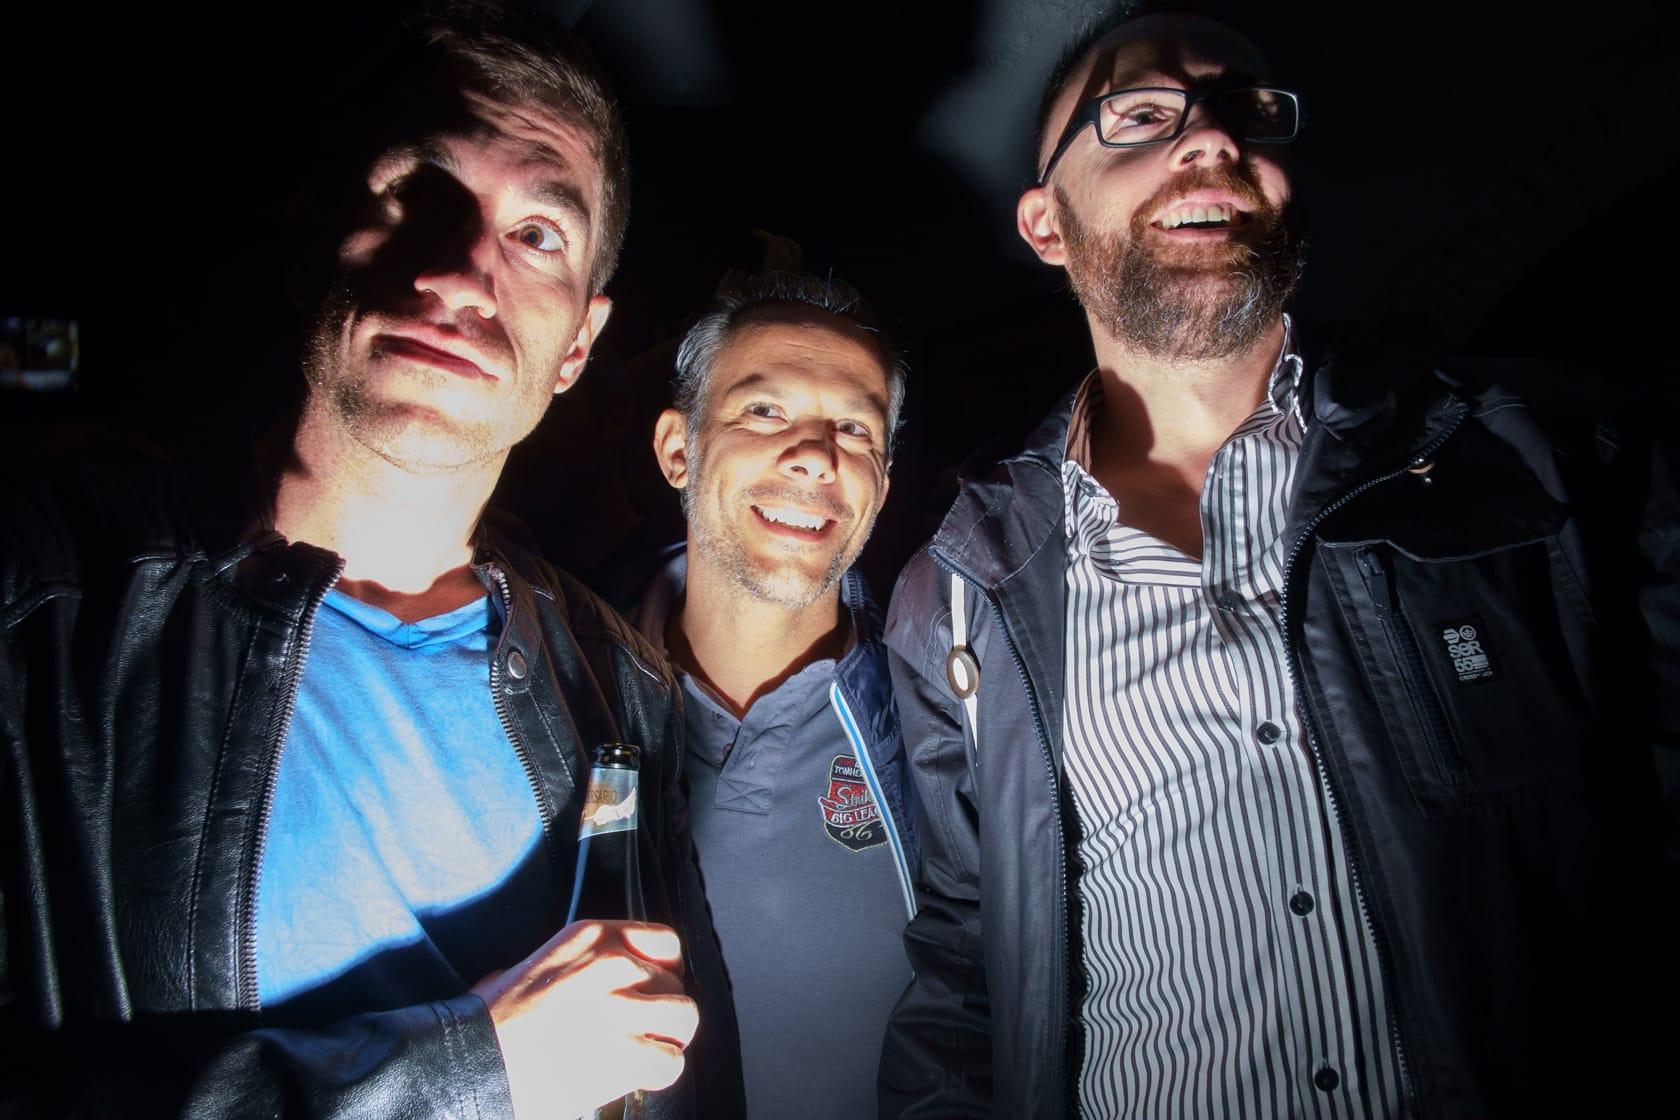 F.D. Walker, Spyros Papaspyropoulos and Marcello Perino